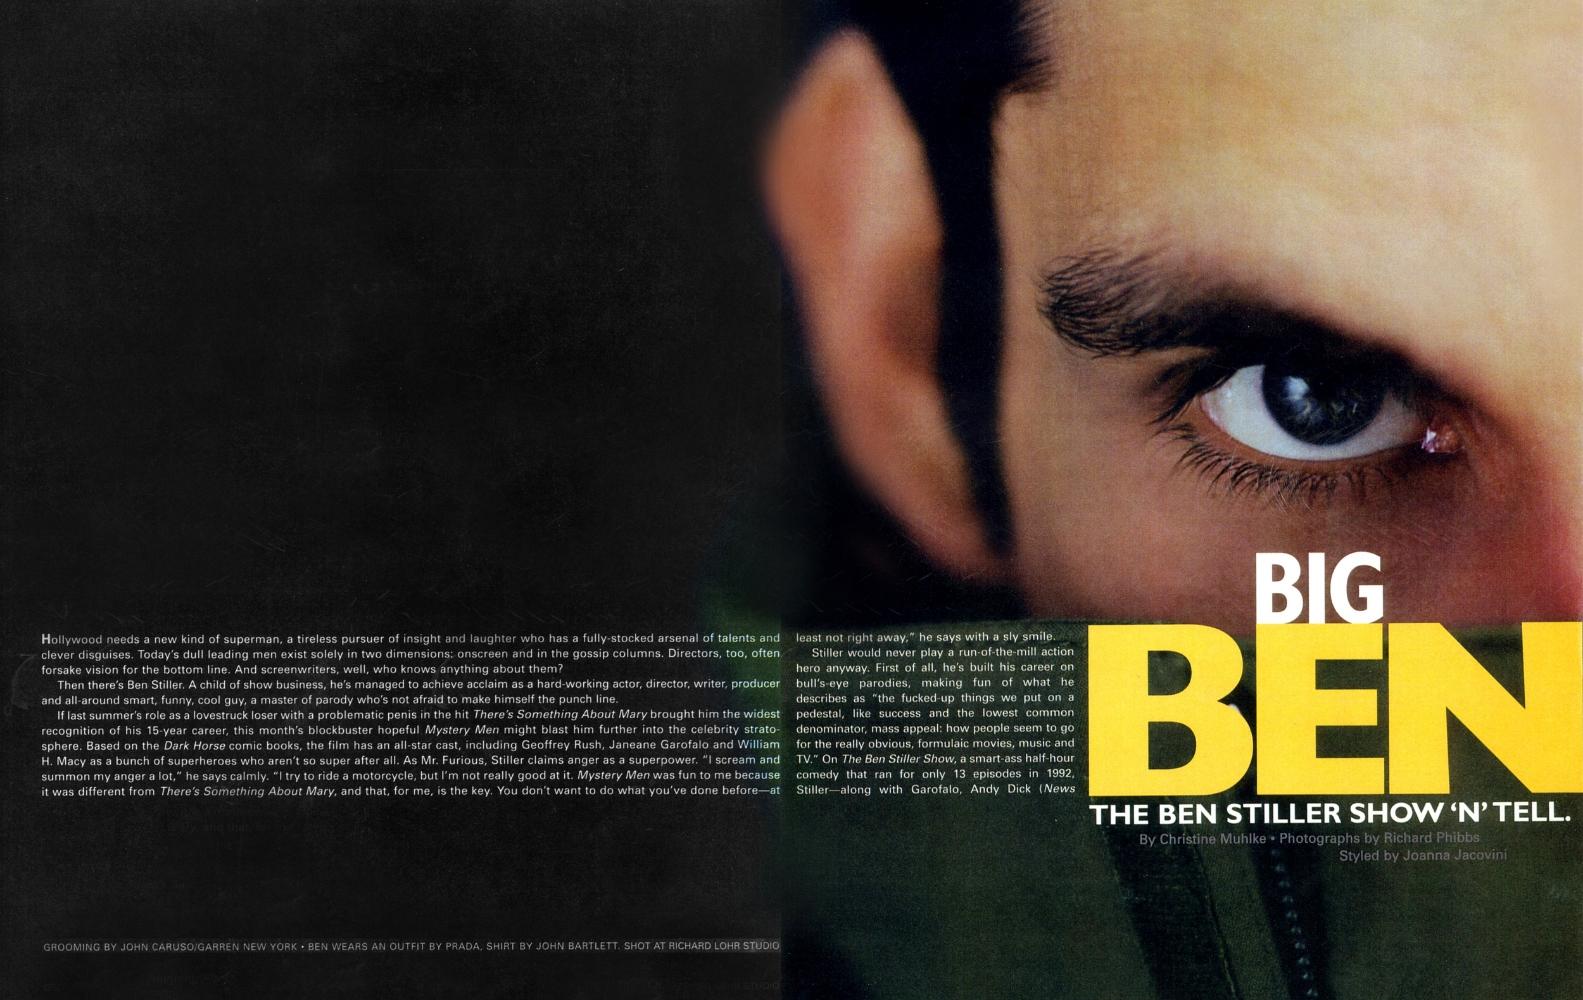 Big BenLeft copy.jpg